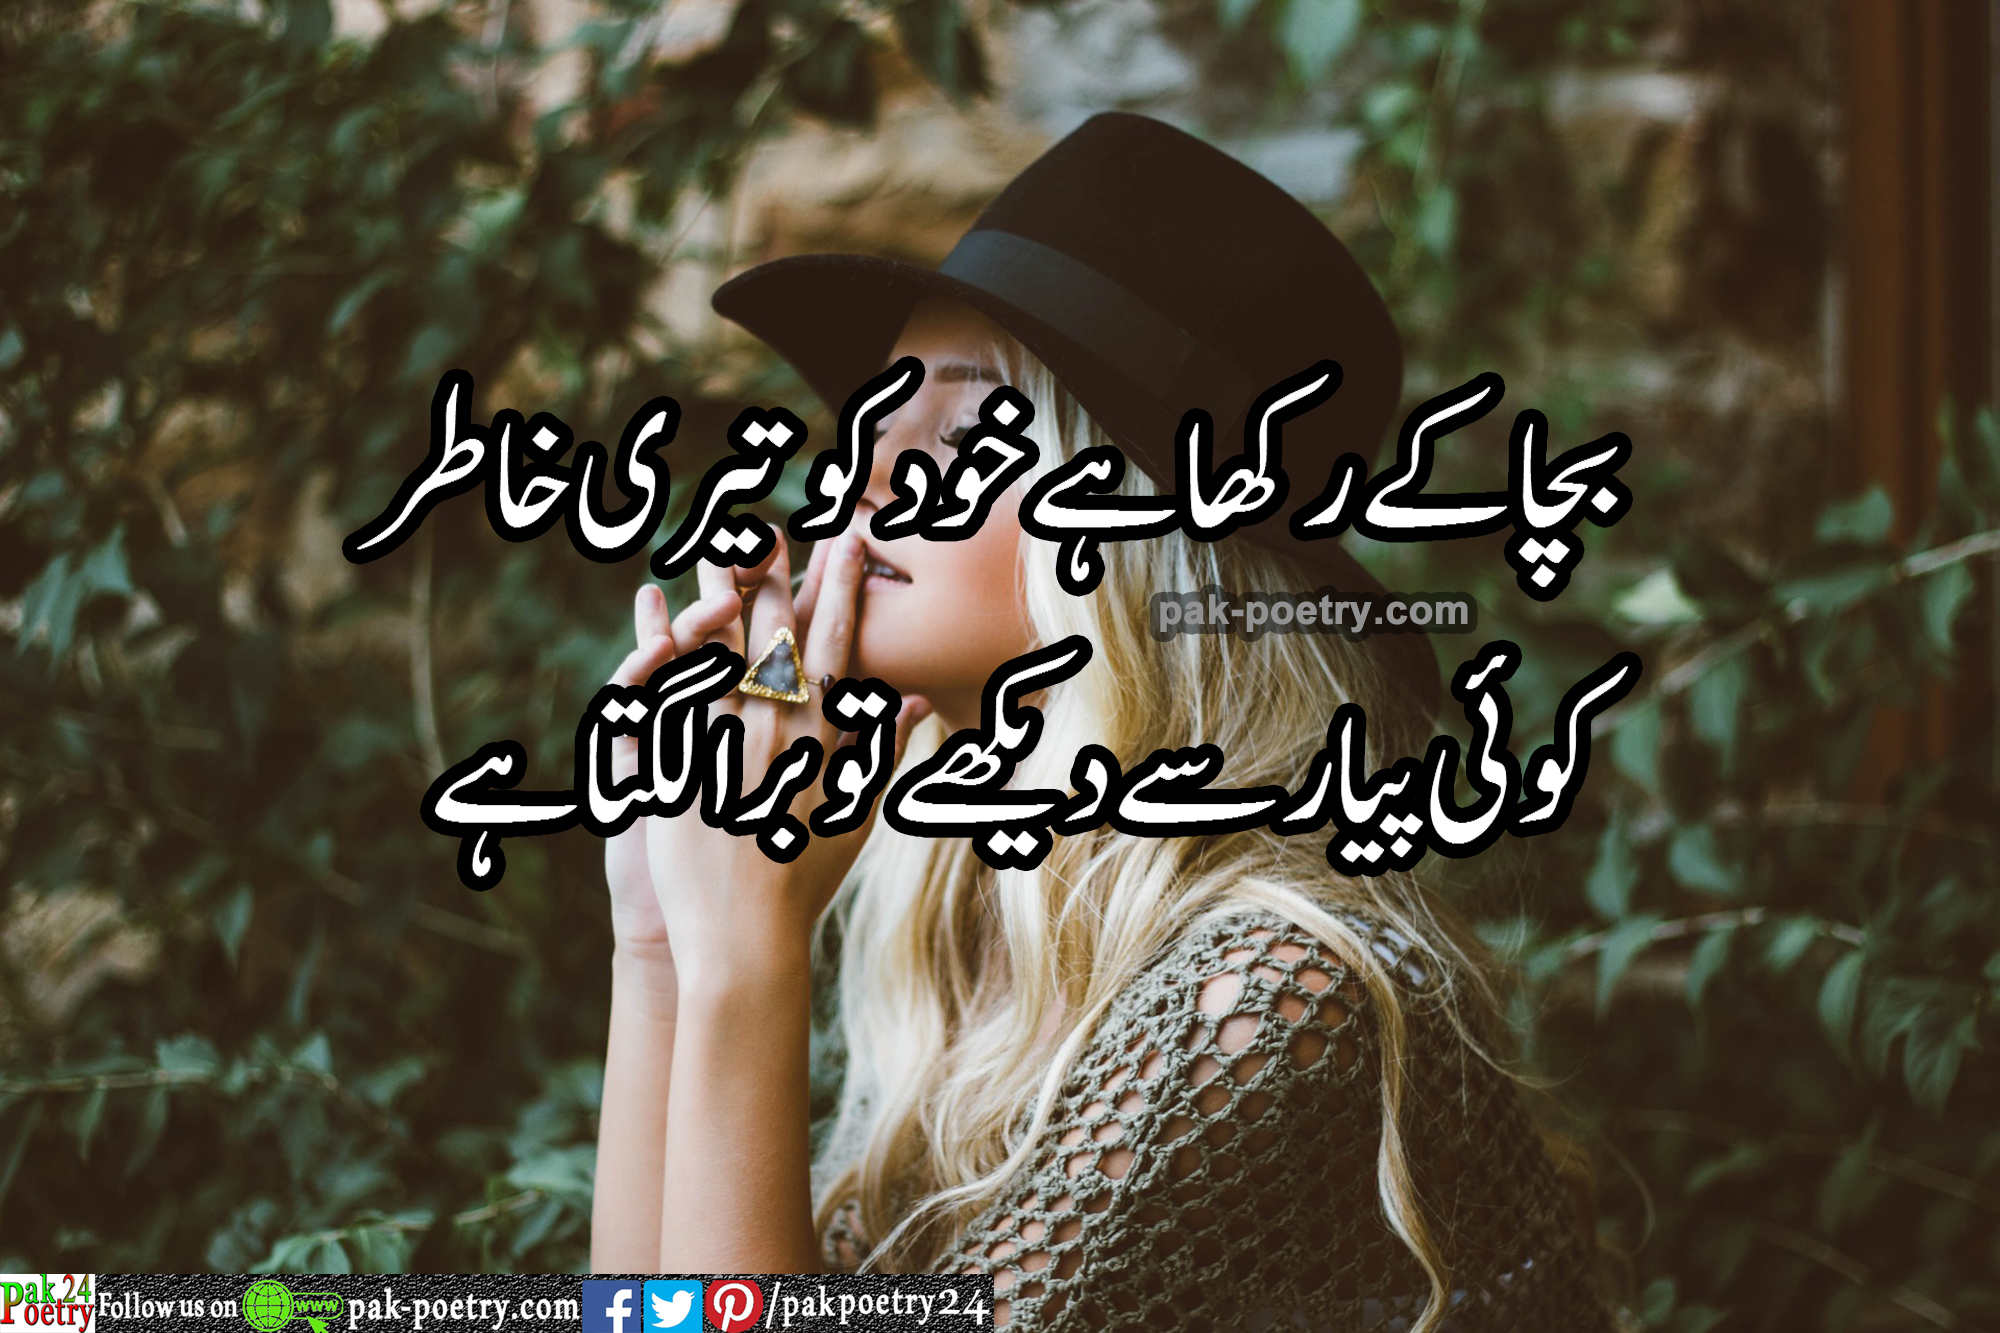 love poetry in urdu - bcha ky rkha hy khud ko teri khater